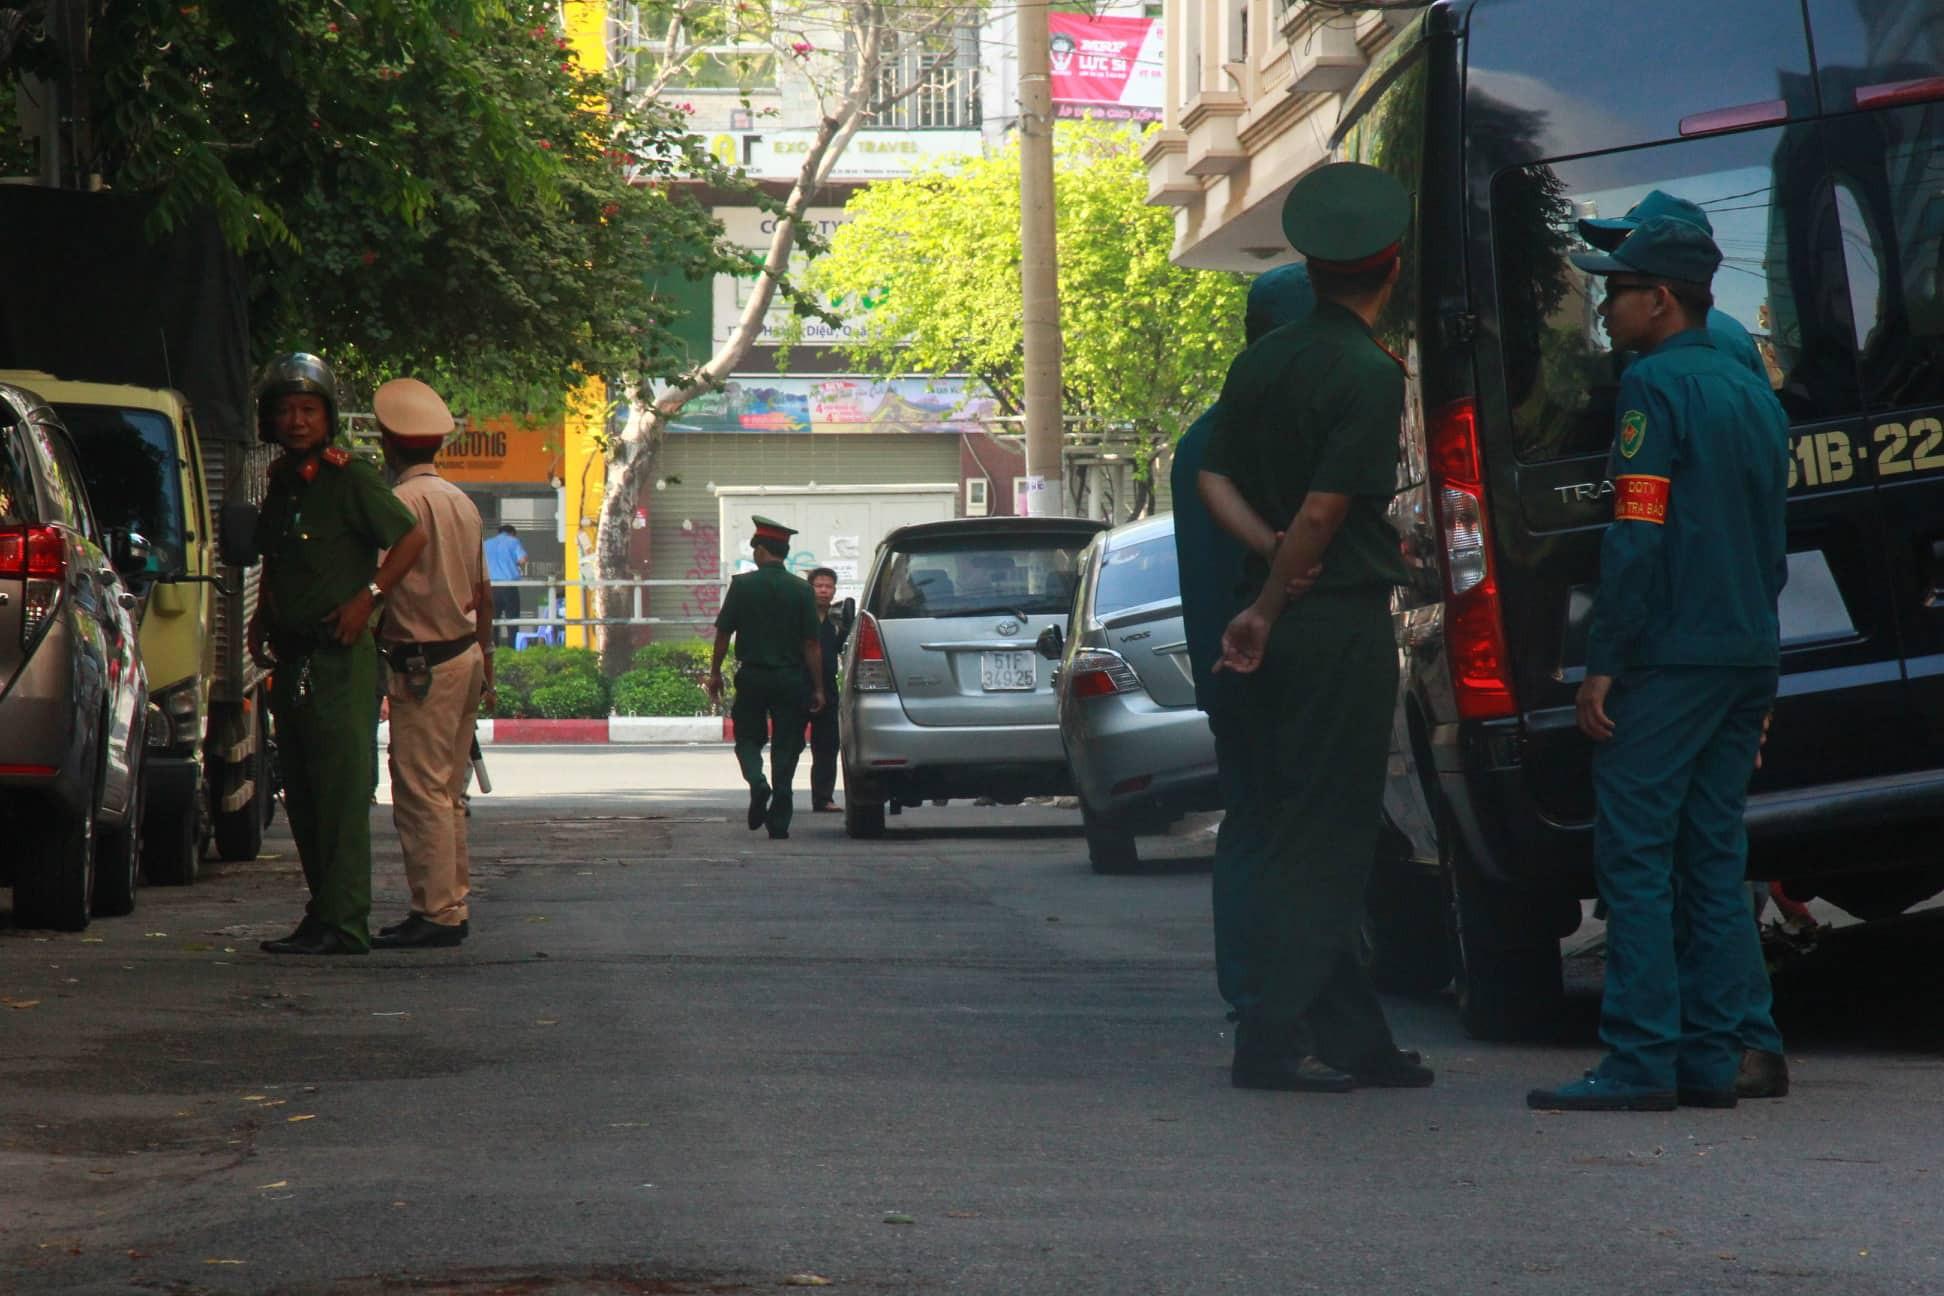 Nguyễn Hữu Linh chính thức bị xét xử tội dâm ô, công an phong tỏa nghiêm ngặt trước tòa án-6